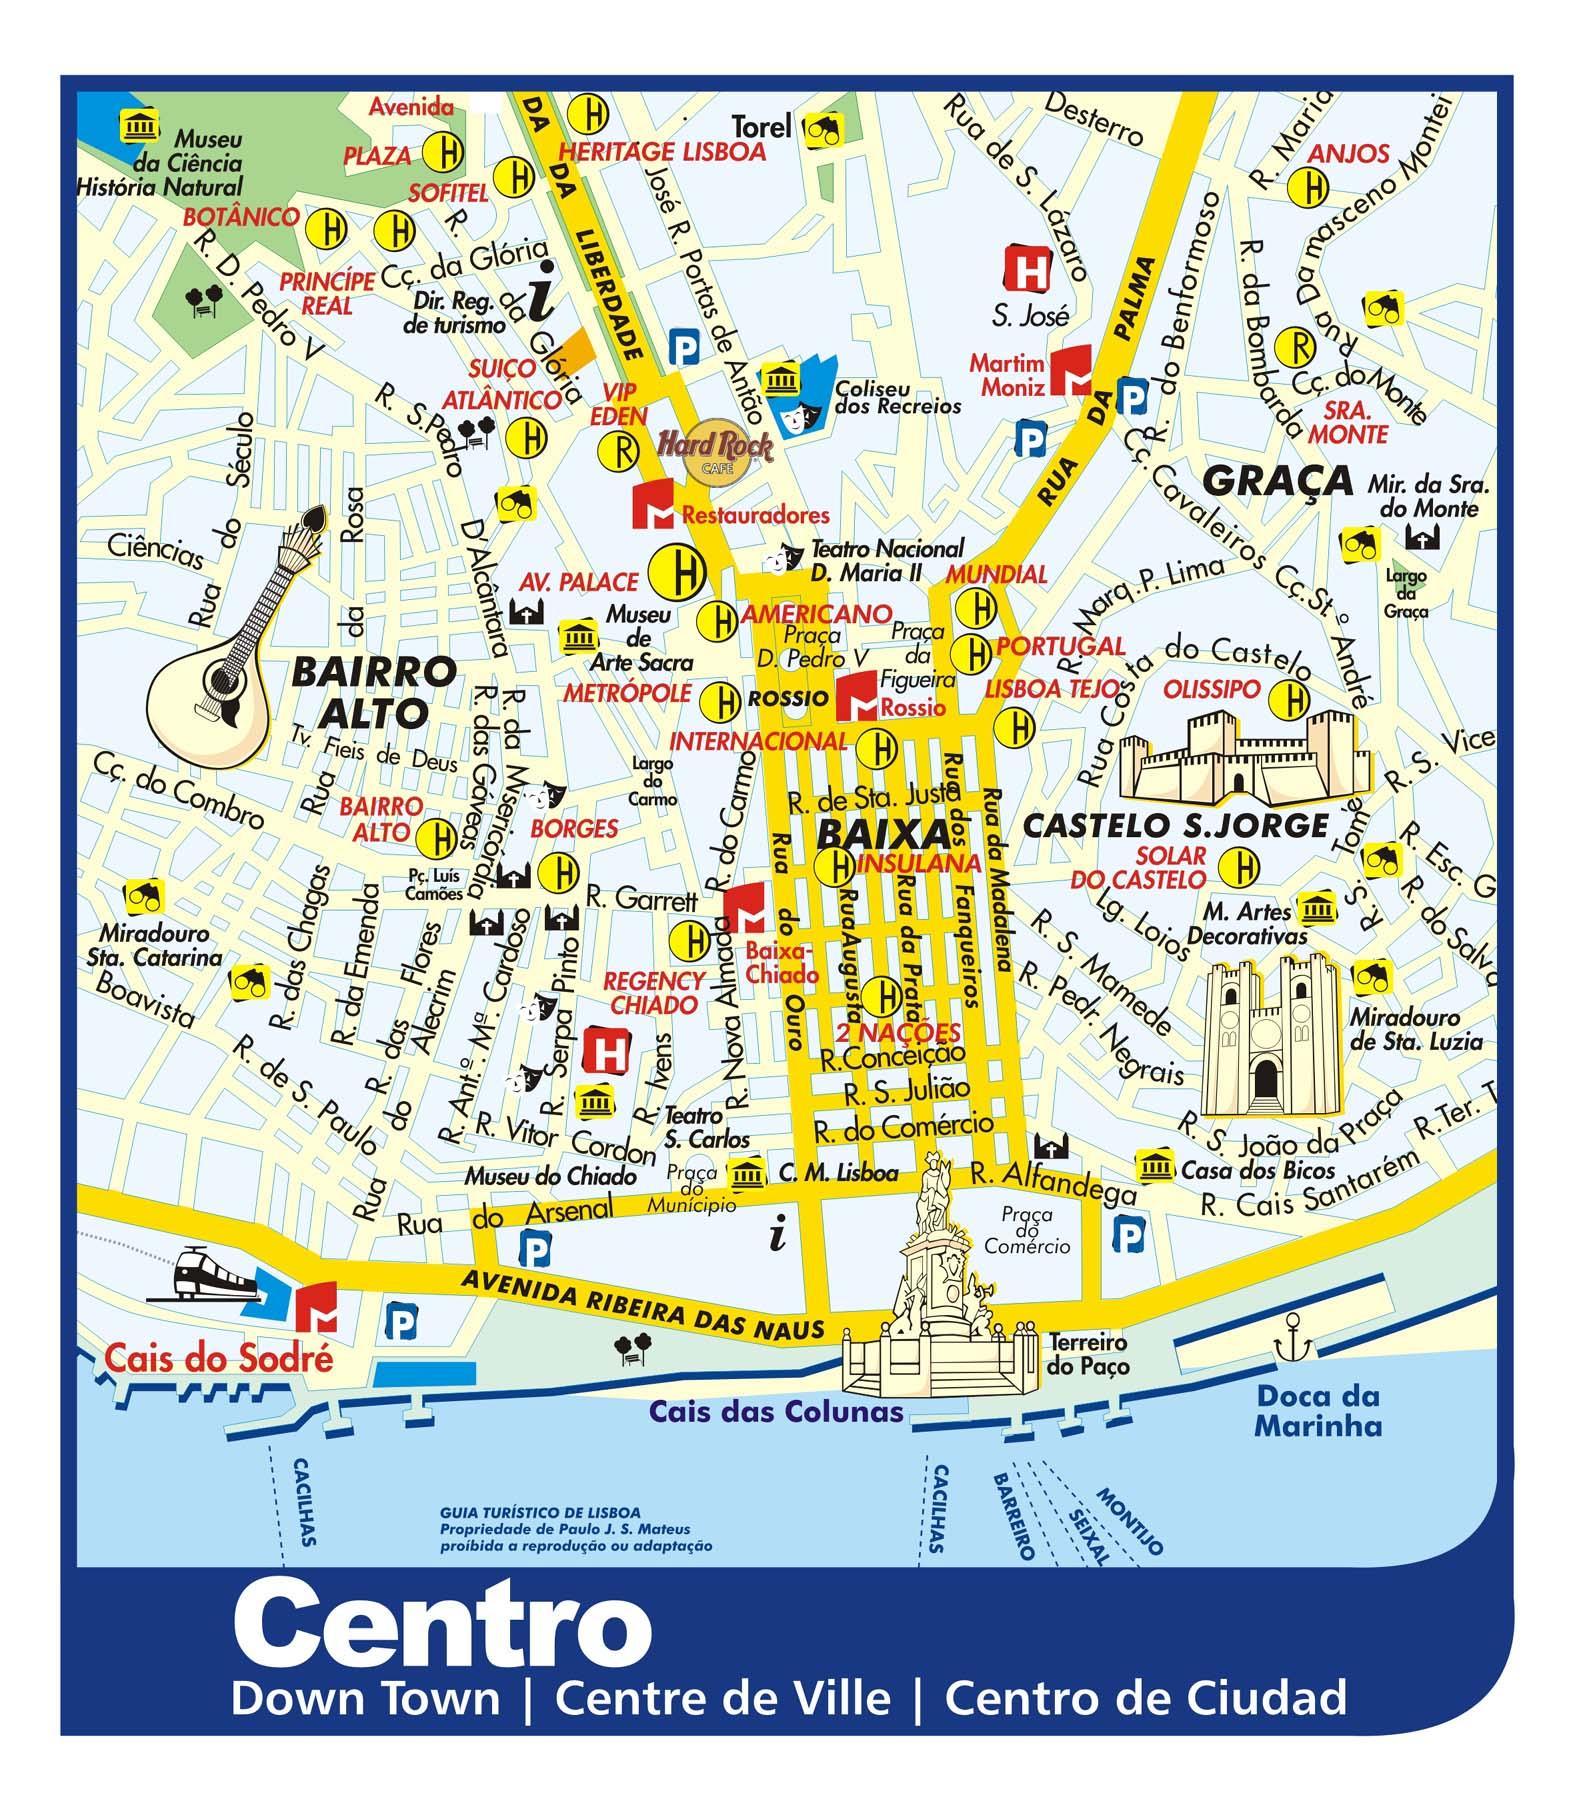 mapa turismo lisboa Visitar Lisboa, Guia de Viagem, Dicas, Roteiros, Fotos mapa turismo lisboa